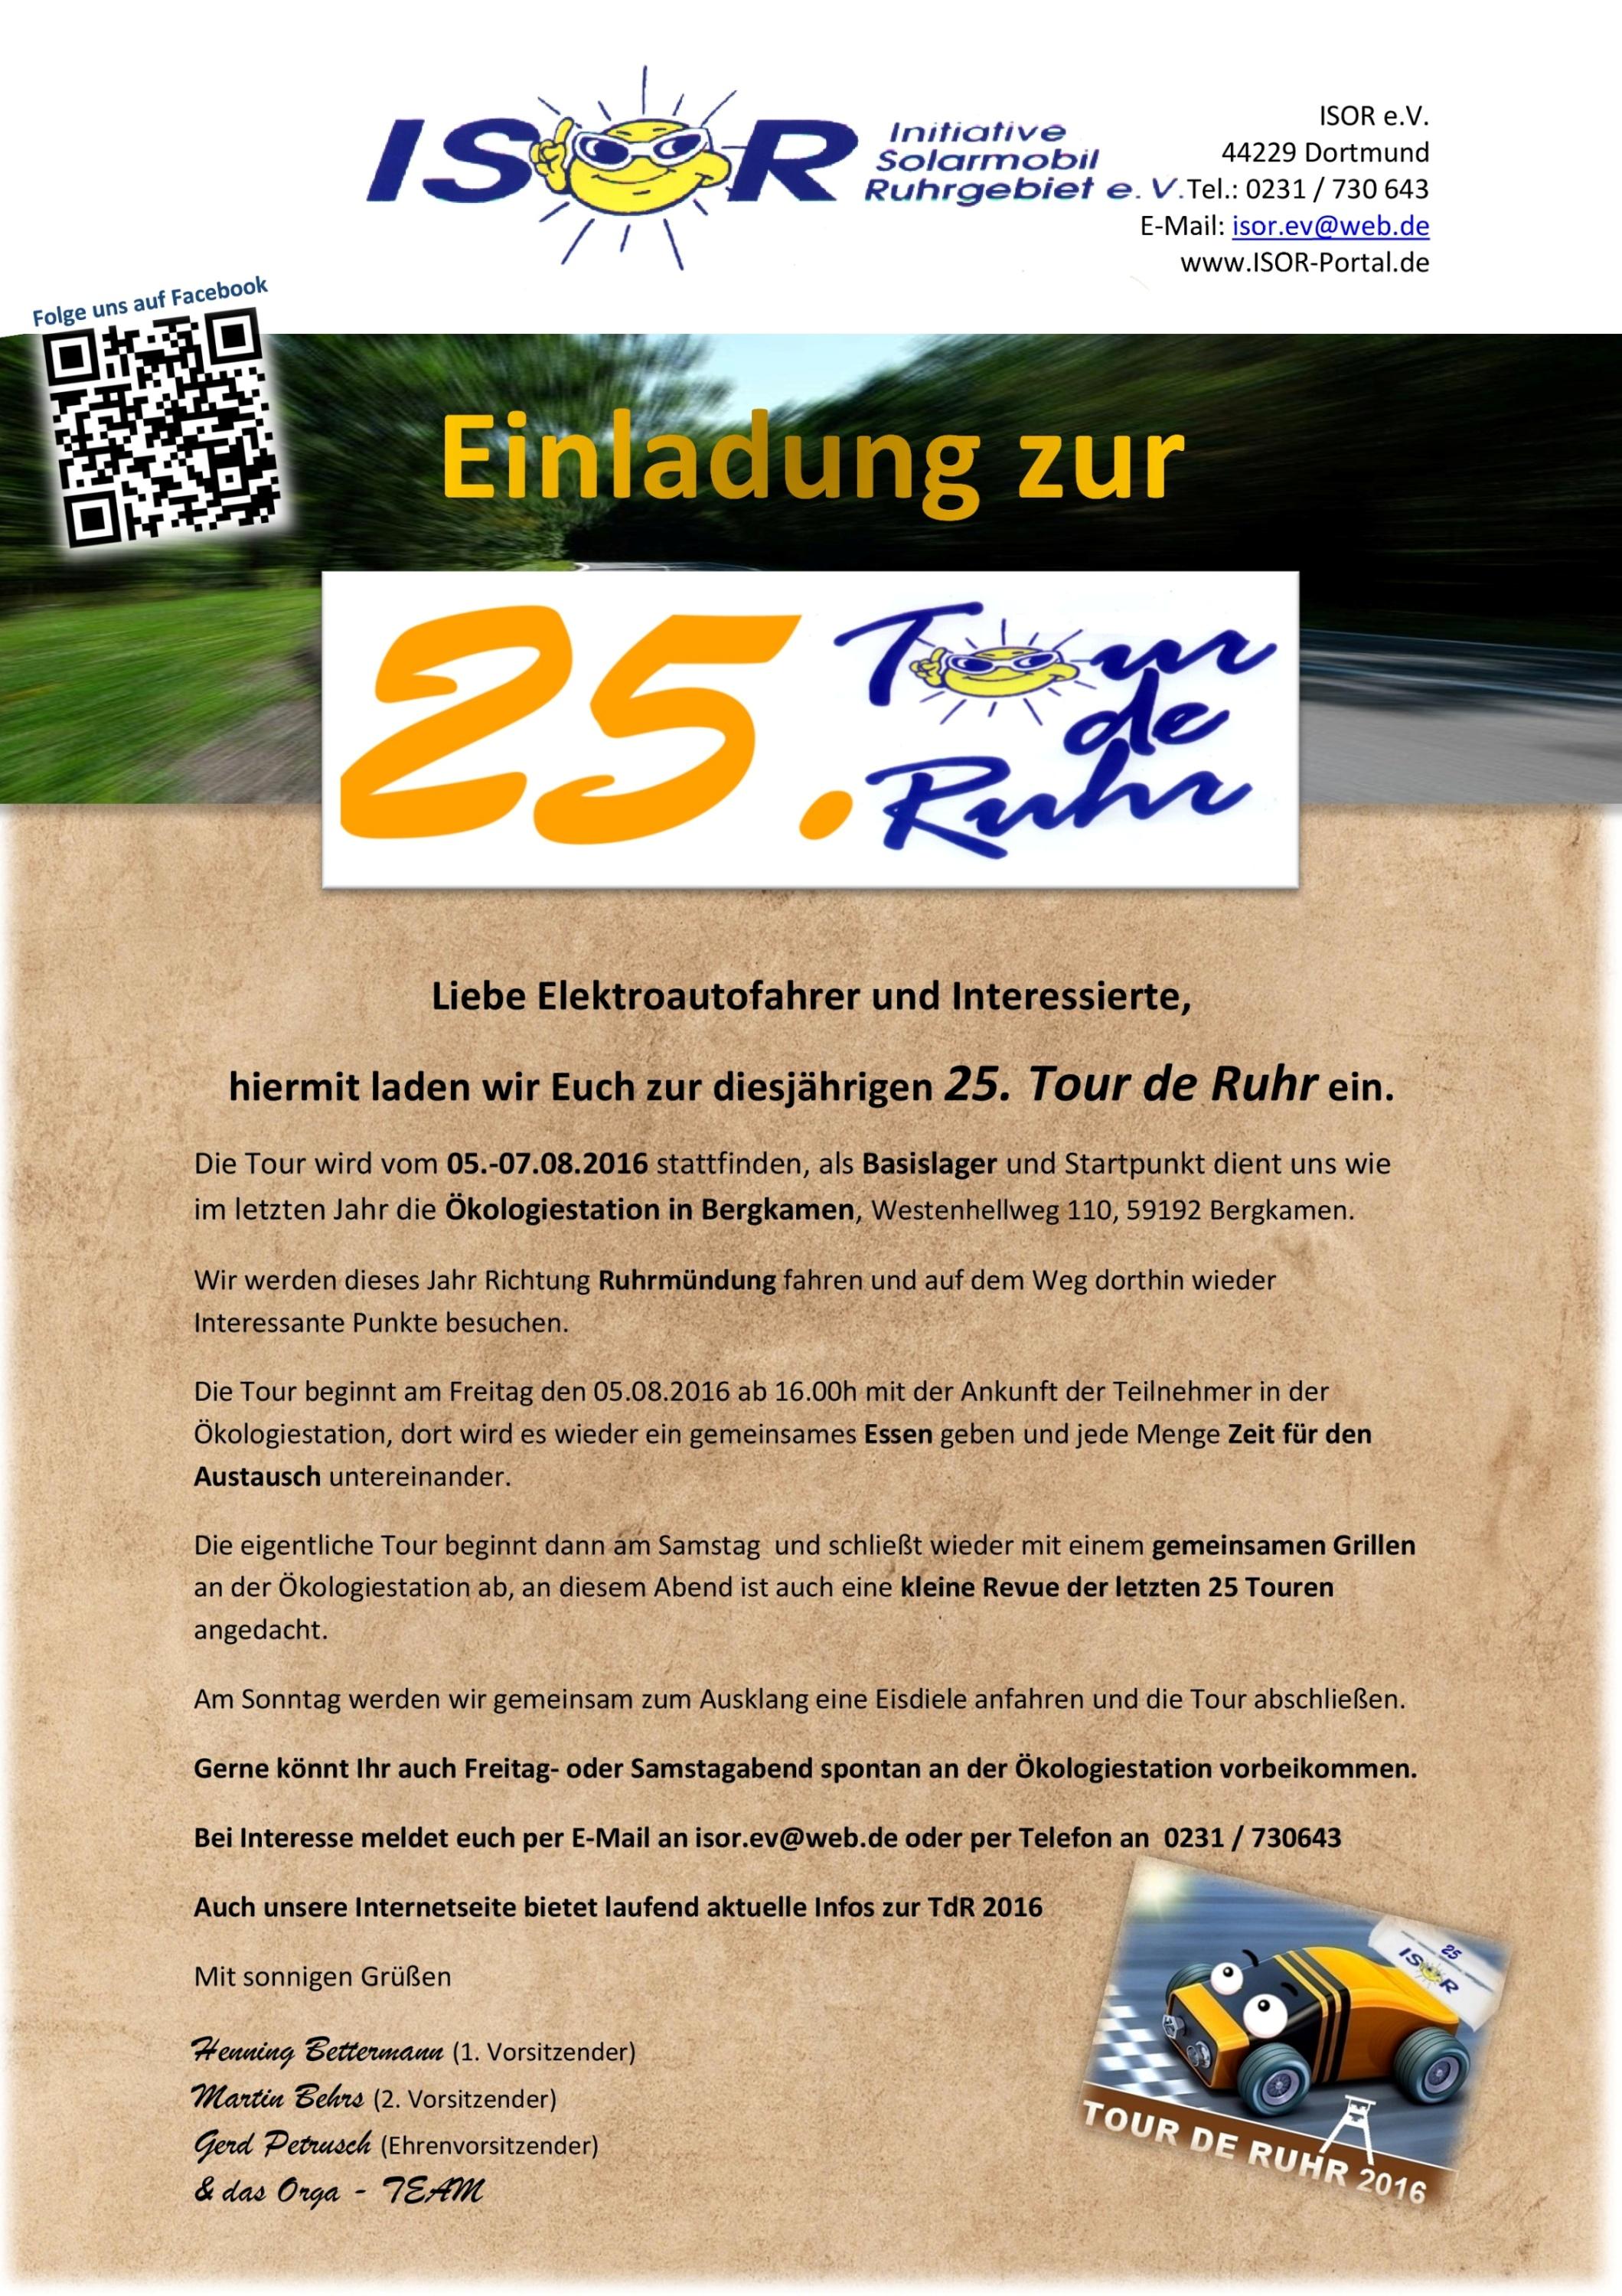 TdR2016 Einladungek